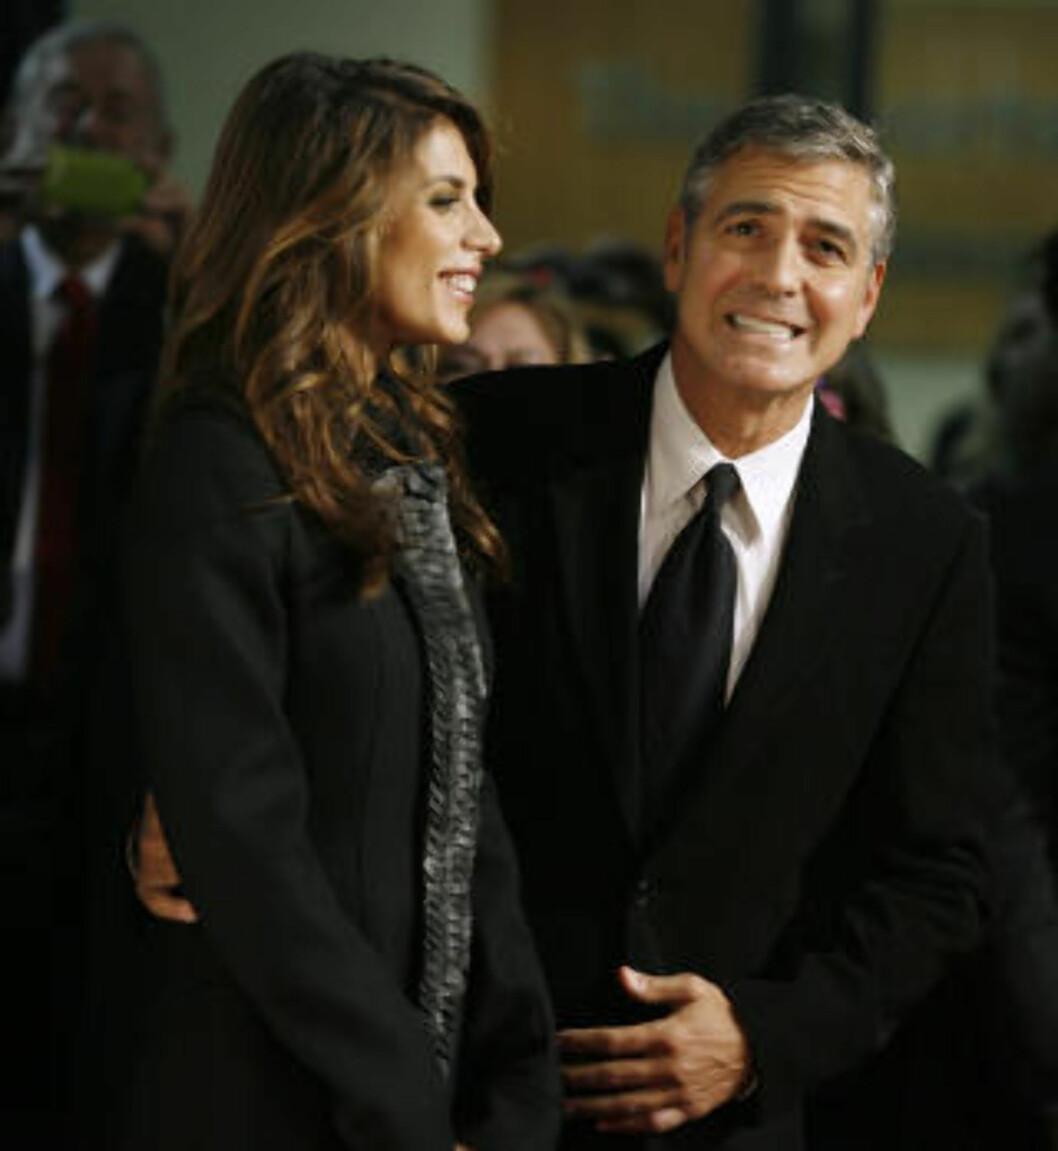 MÅ I RETTEN? George Clooney - her med sin italienske kjæreste Elisabetta Canalis. Foto: AFP/Scanpix